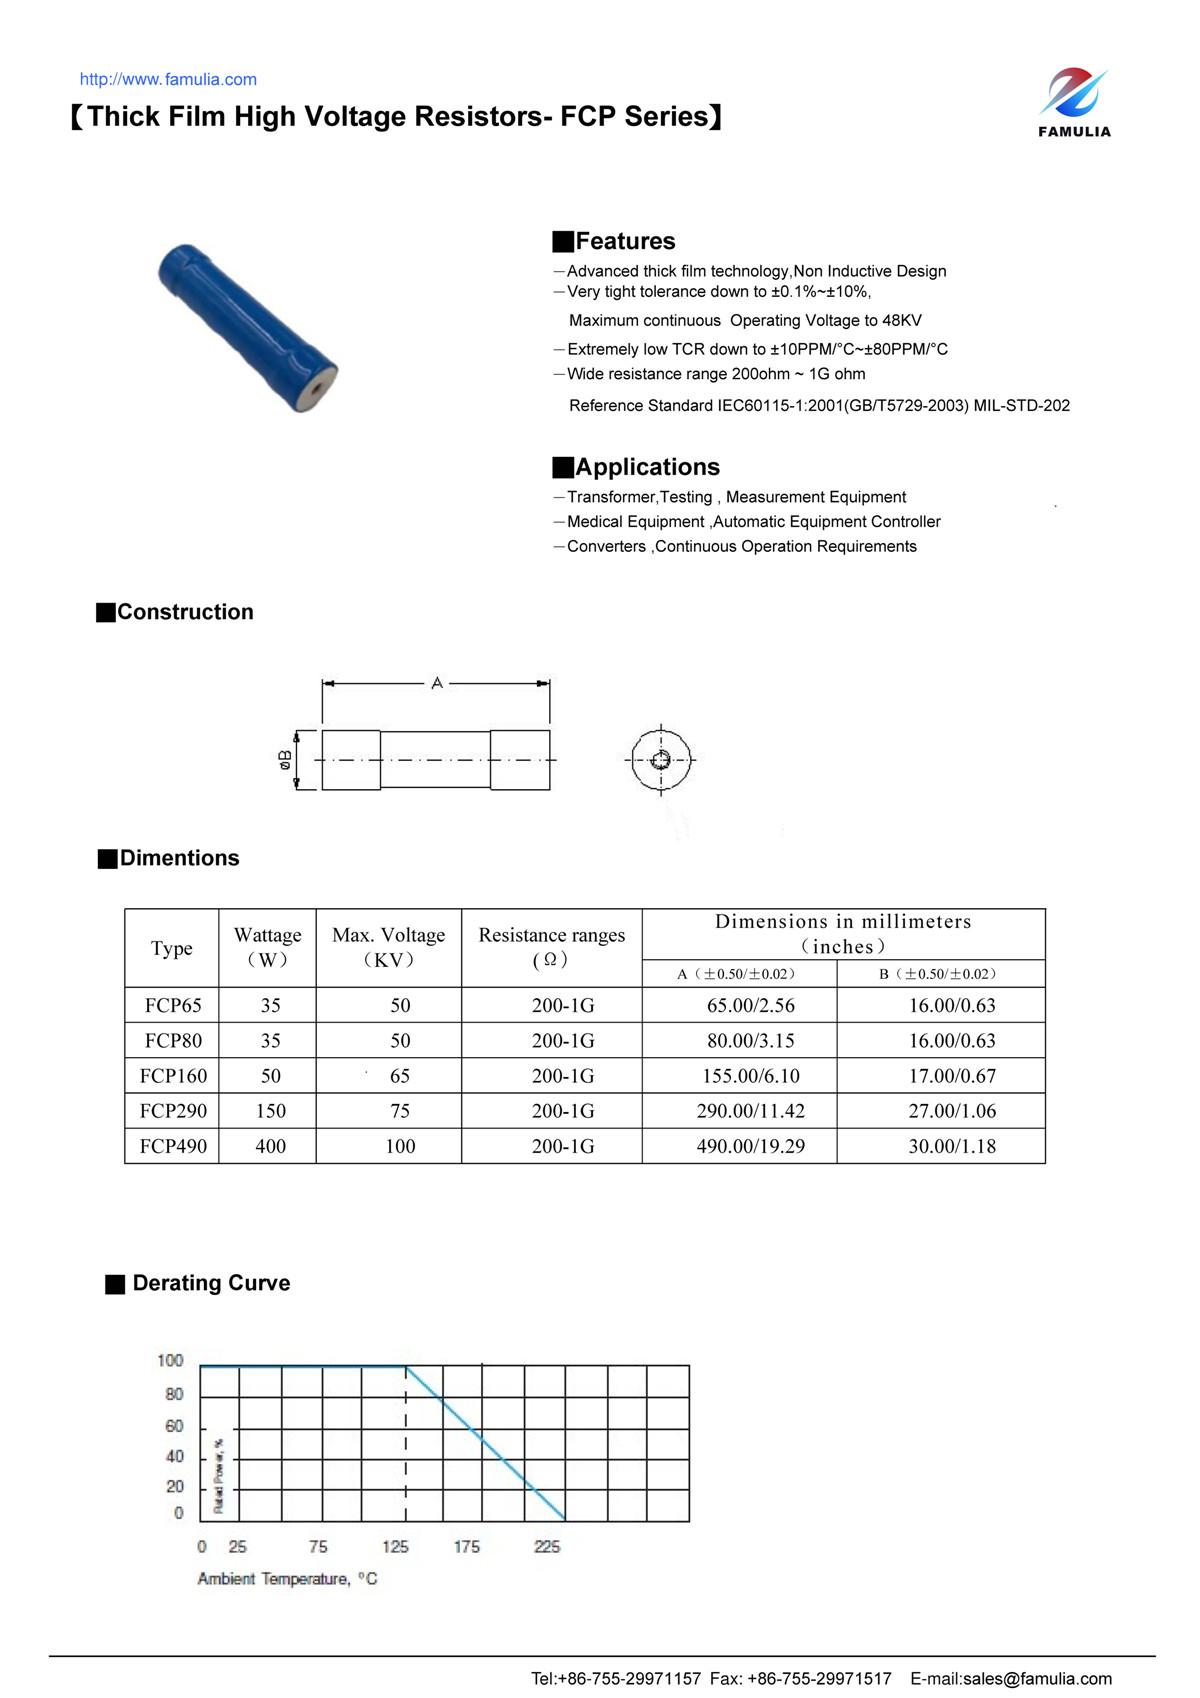 FCP系列圆柱厚膜高压电阻_页面_1.jpg